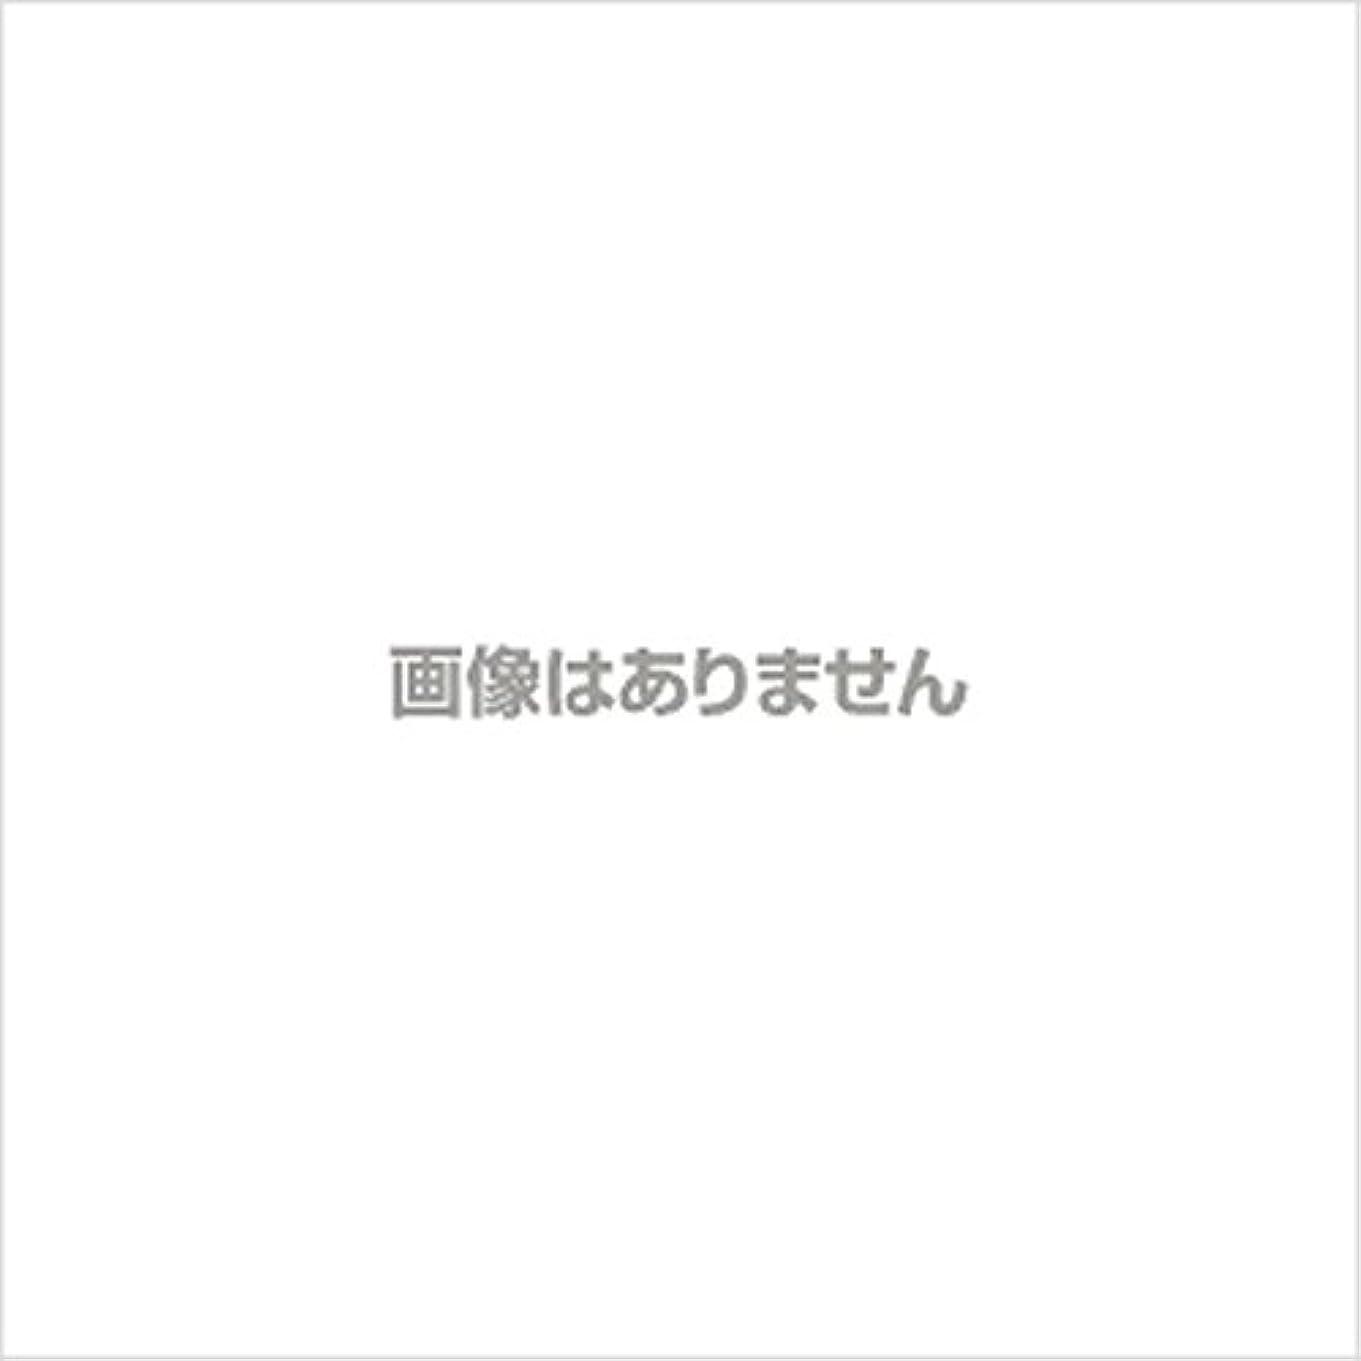 つづり運命許容できる【新発売】EBUKEA エブケアNO1002 プラスチックグローブ(粉付)Mサイズ 100枚入(極薄?半透明)